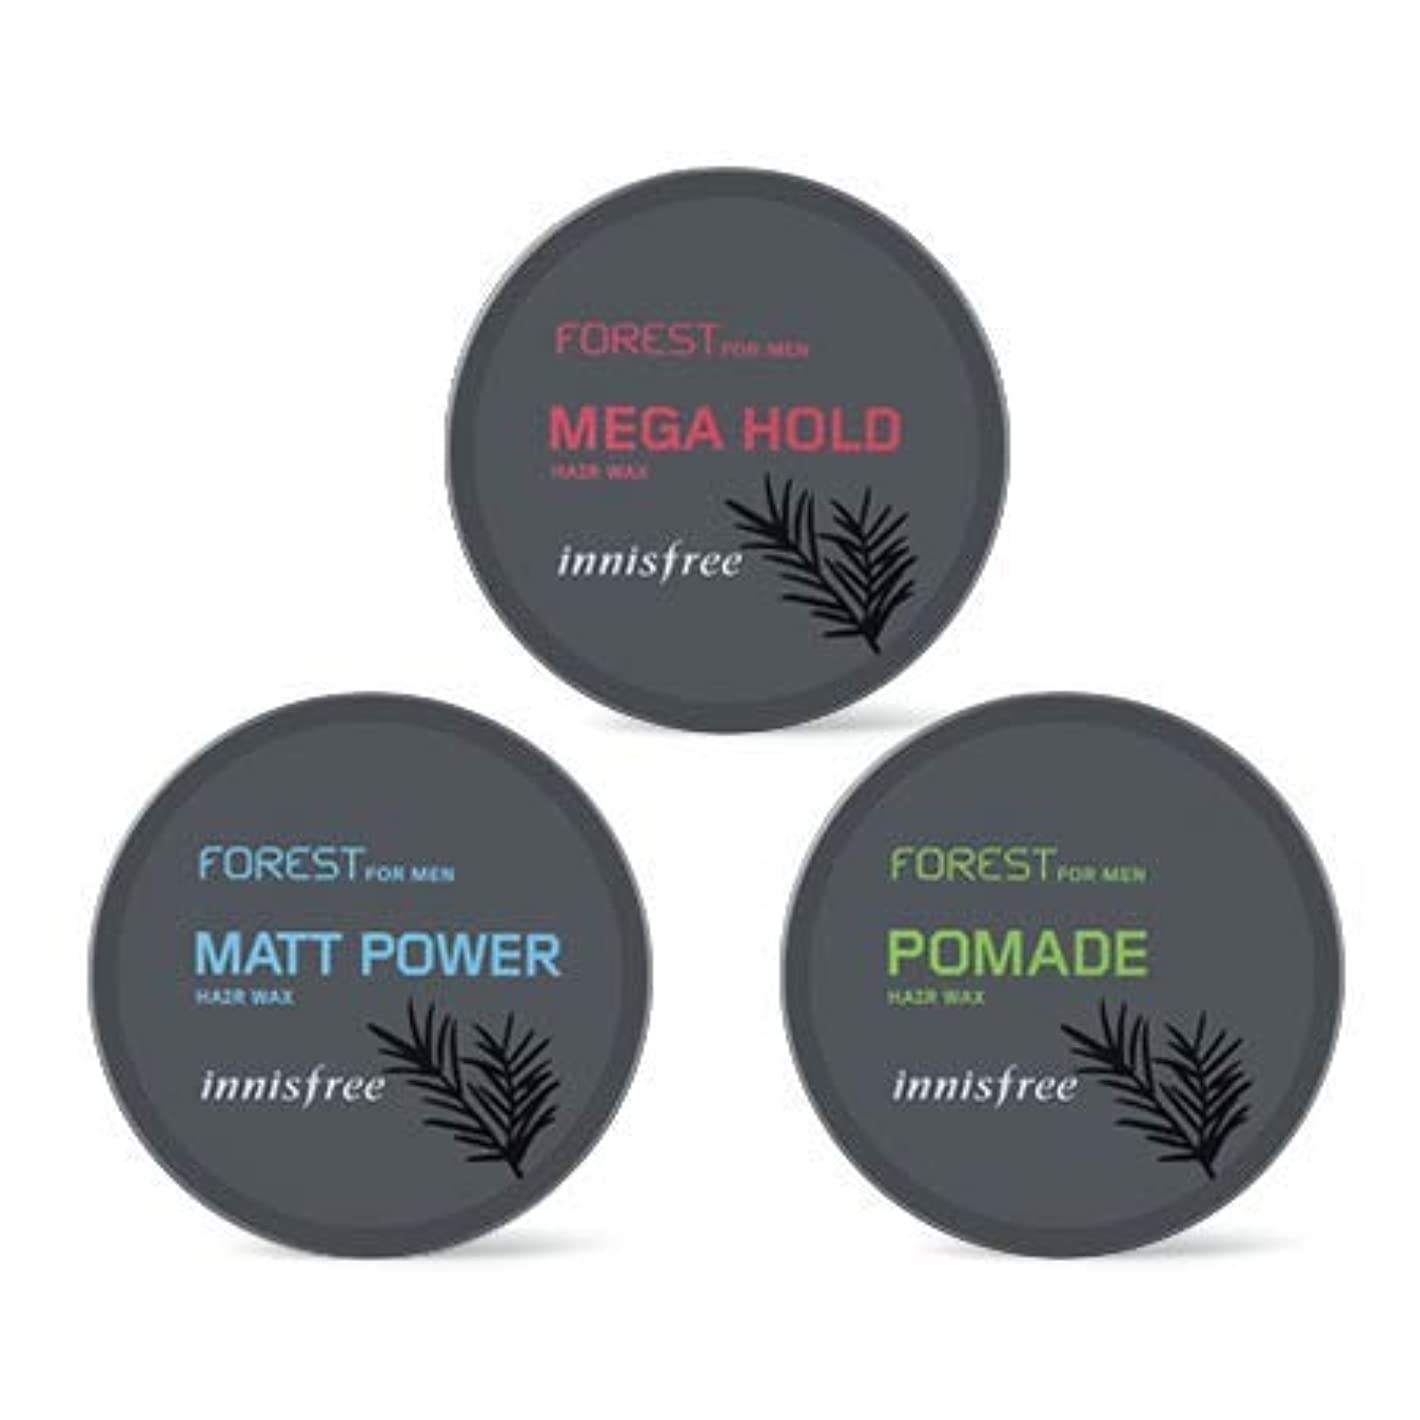 非常に新しい意味防衛[イニスフリー.INNISFREE](公式)フォレストフォアマンヘアワックス(3種)/ Forest For Men Hair Wax(60G、3 kind) (# pomade hair wax)